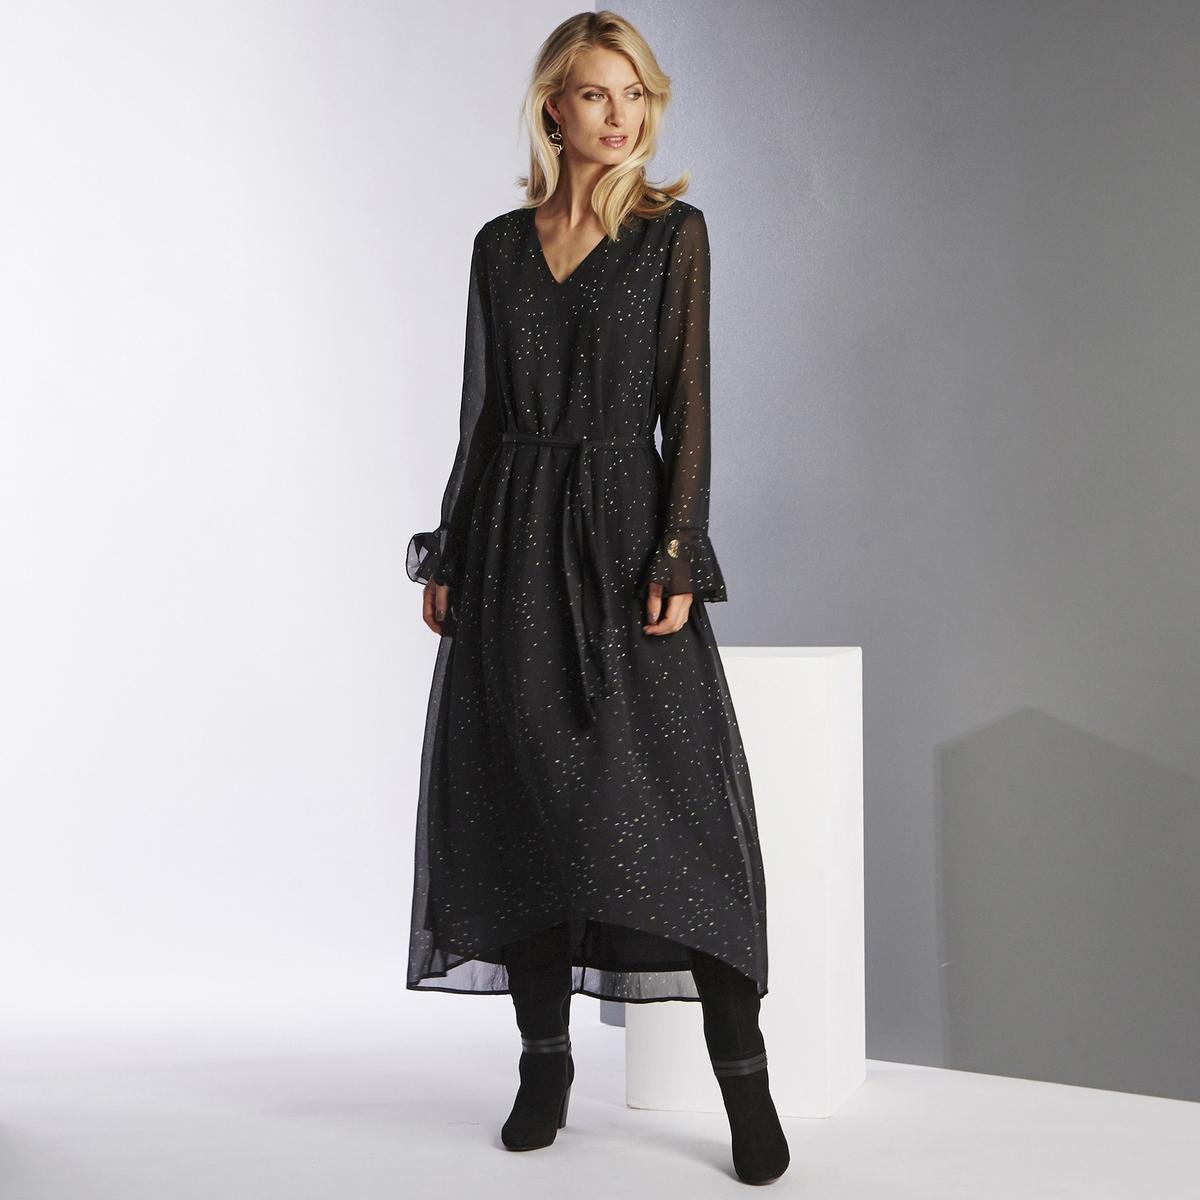 Imagen secundaria de producto de Vestido largo en asimetría, estampado, de manga larga - Anne weyburn